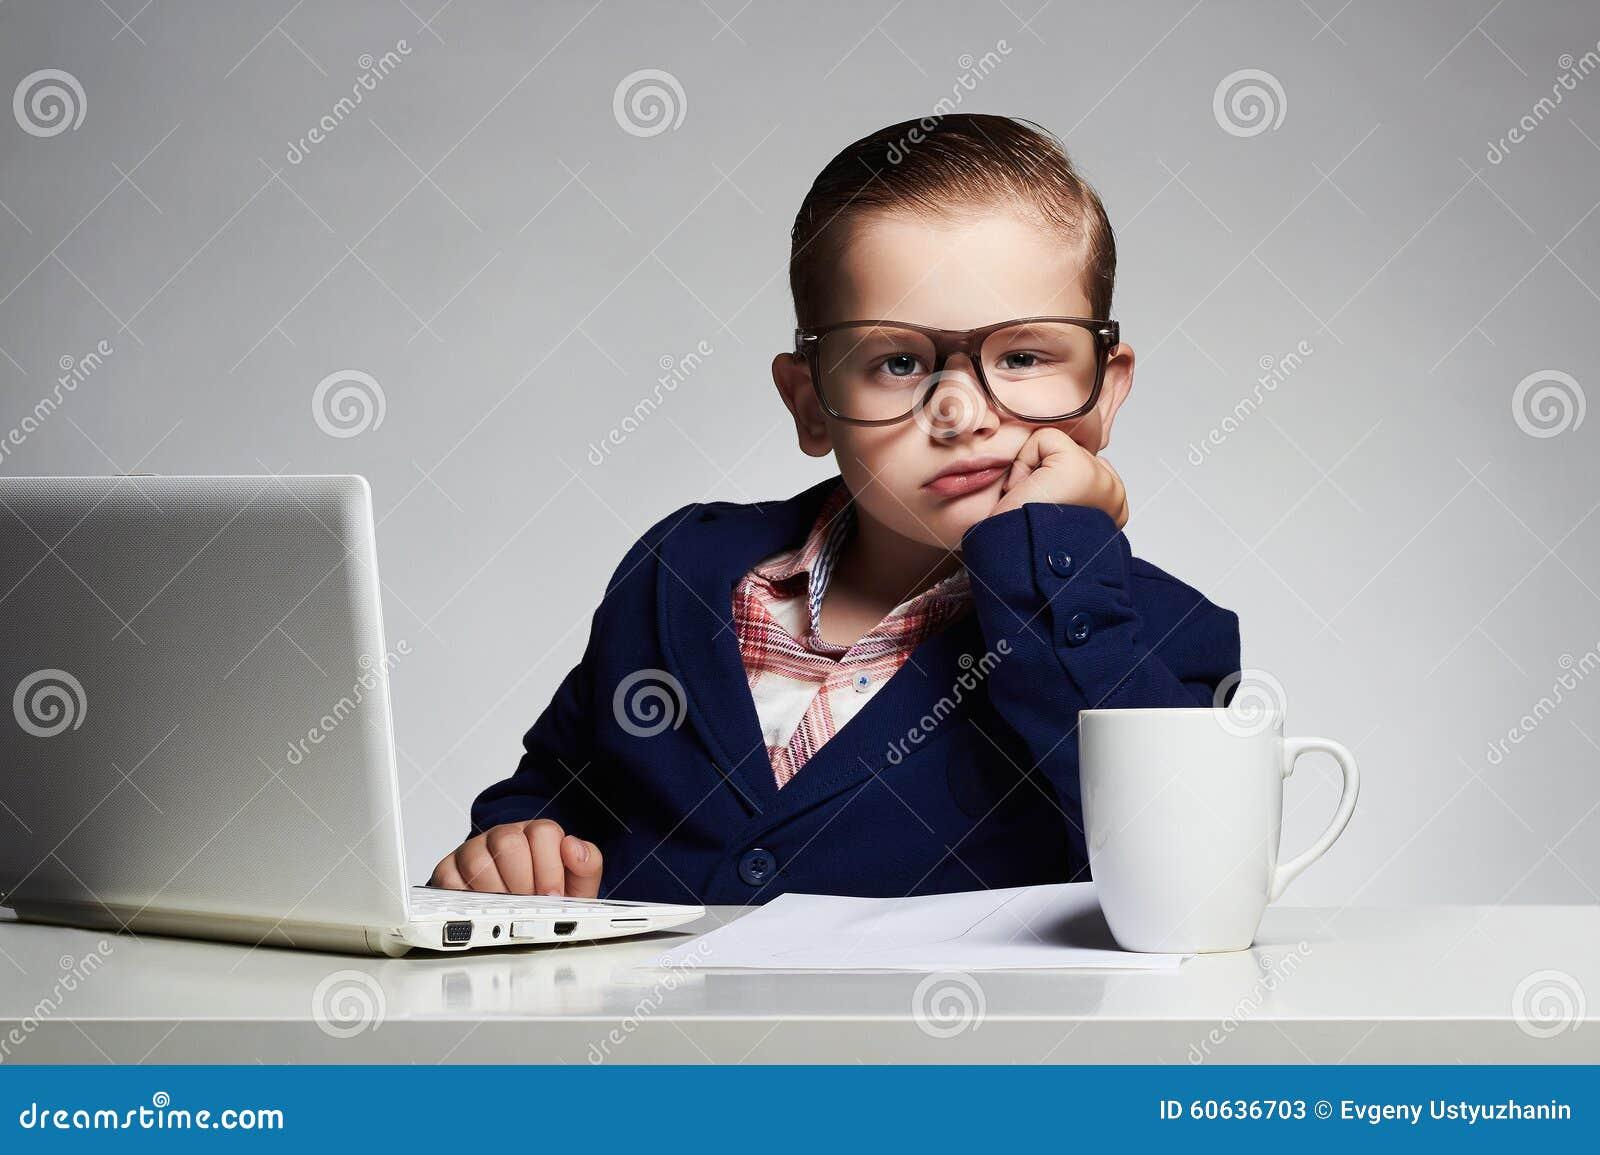 τρυπώντας εργασία Νέο επιχειρησιακό αγόρι παιδί στα γυαλιά λίγος προϊστάμενος στην αρχή